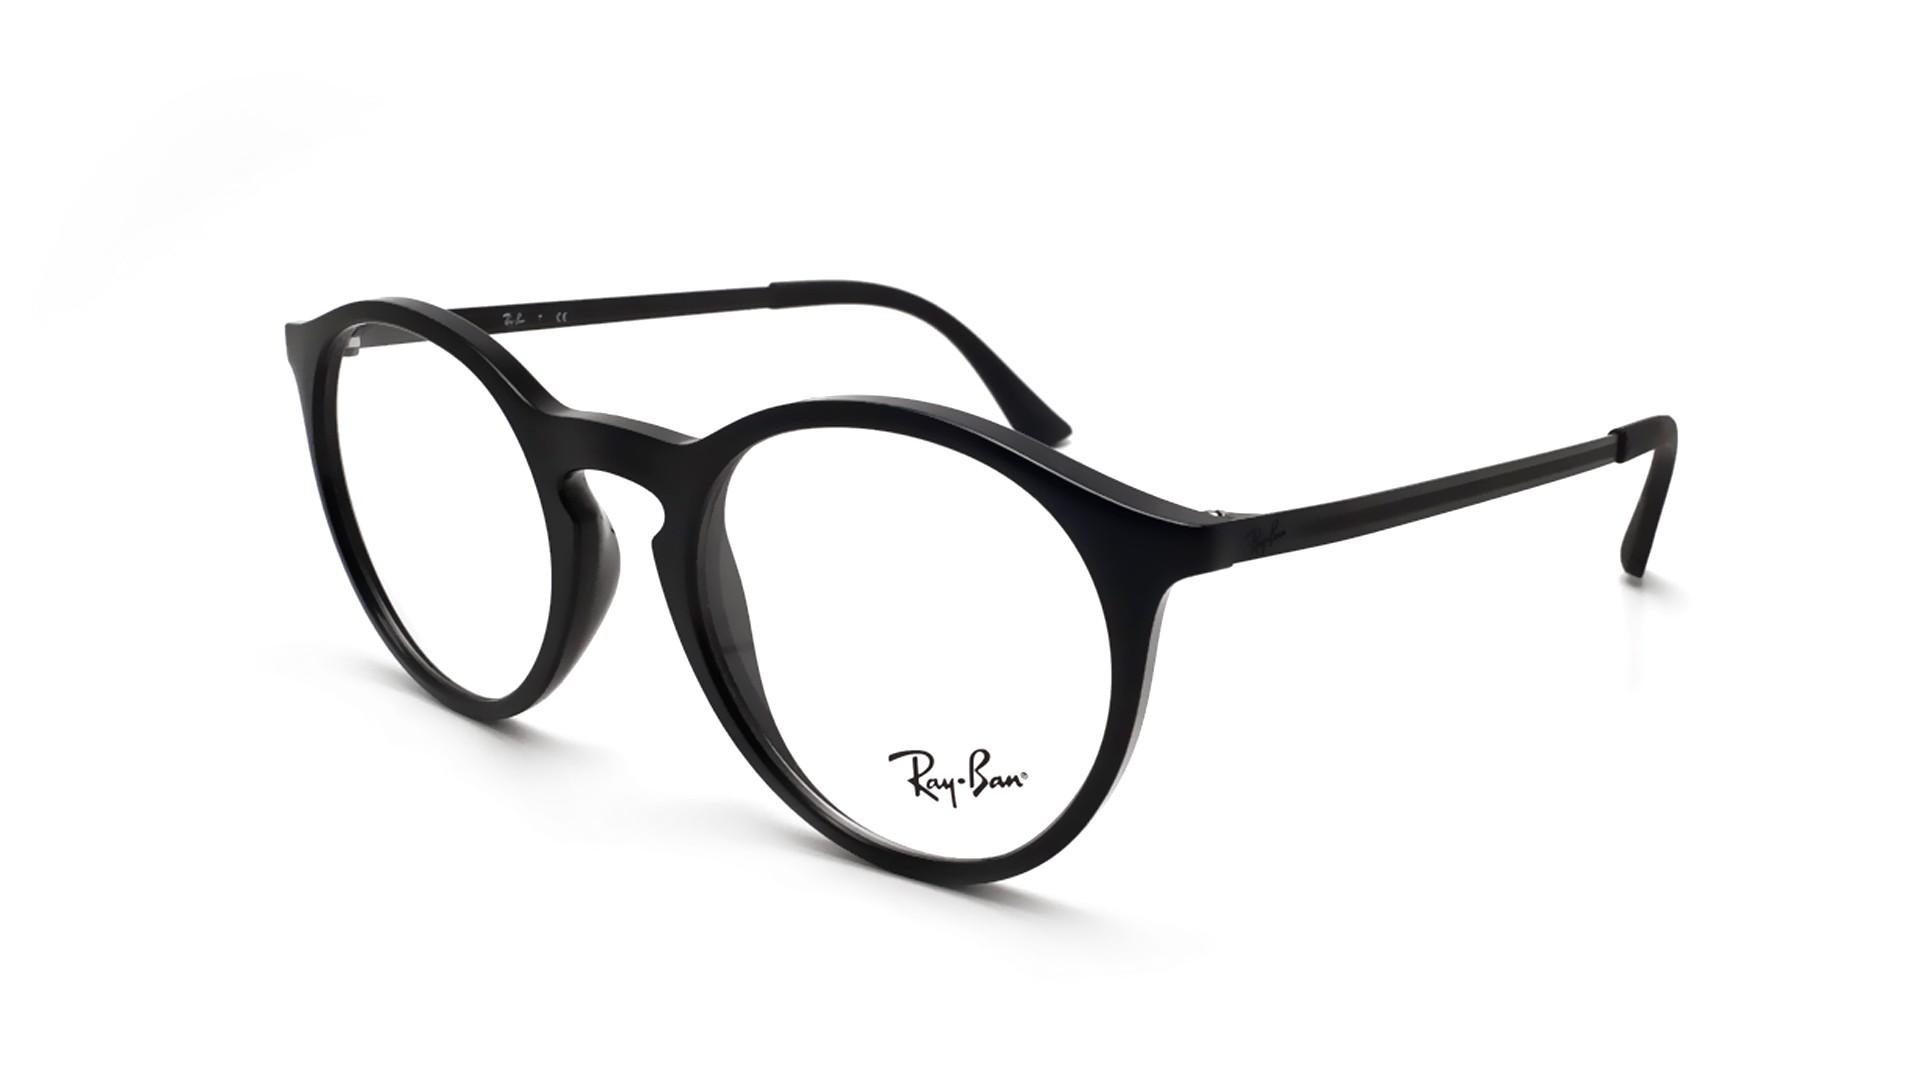 509b218a6ae50 Eyeglasses Ray-Ban RX7132 RB7132 2000 48-20 Black Small